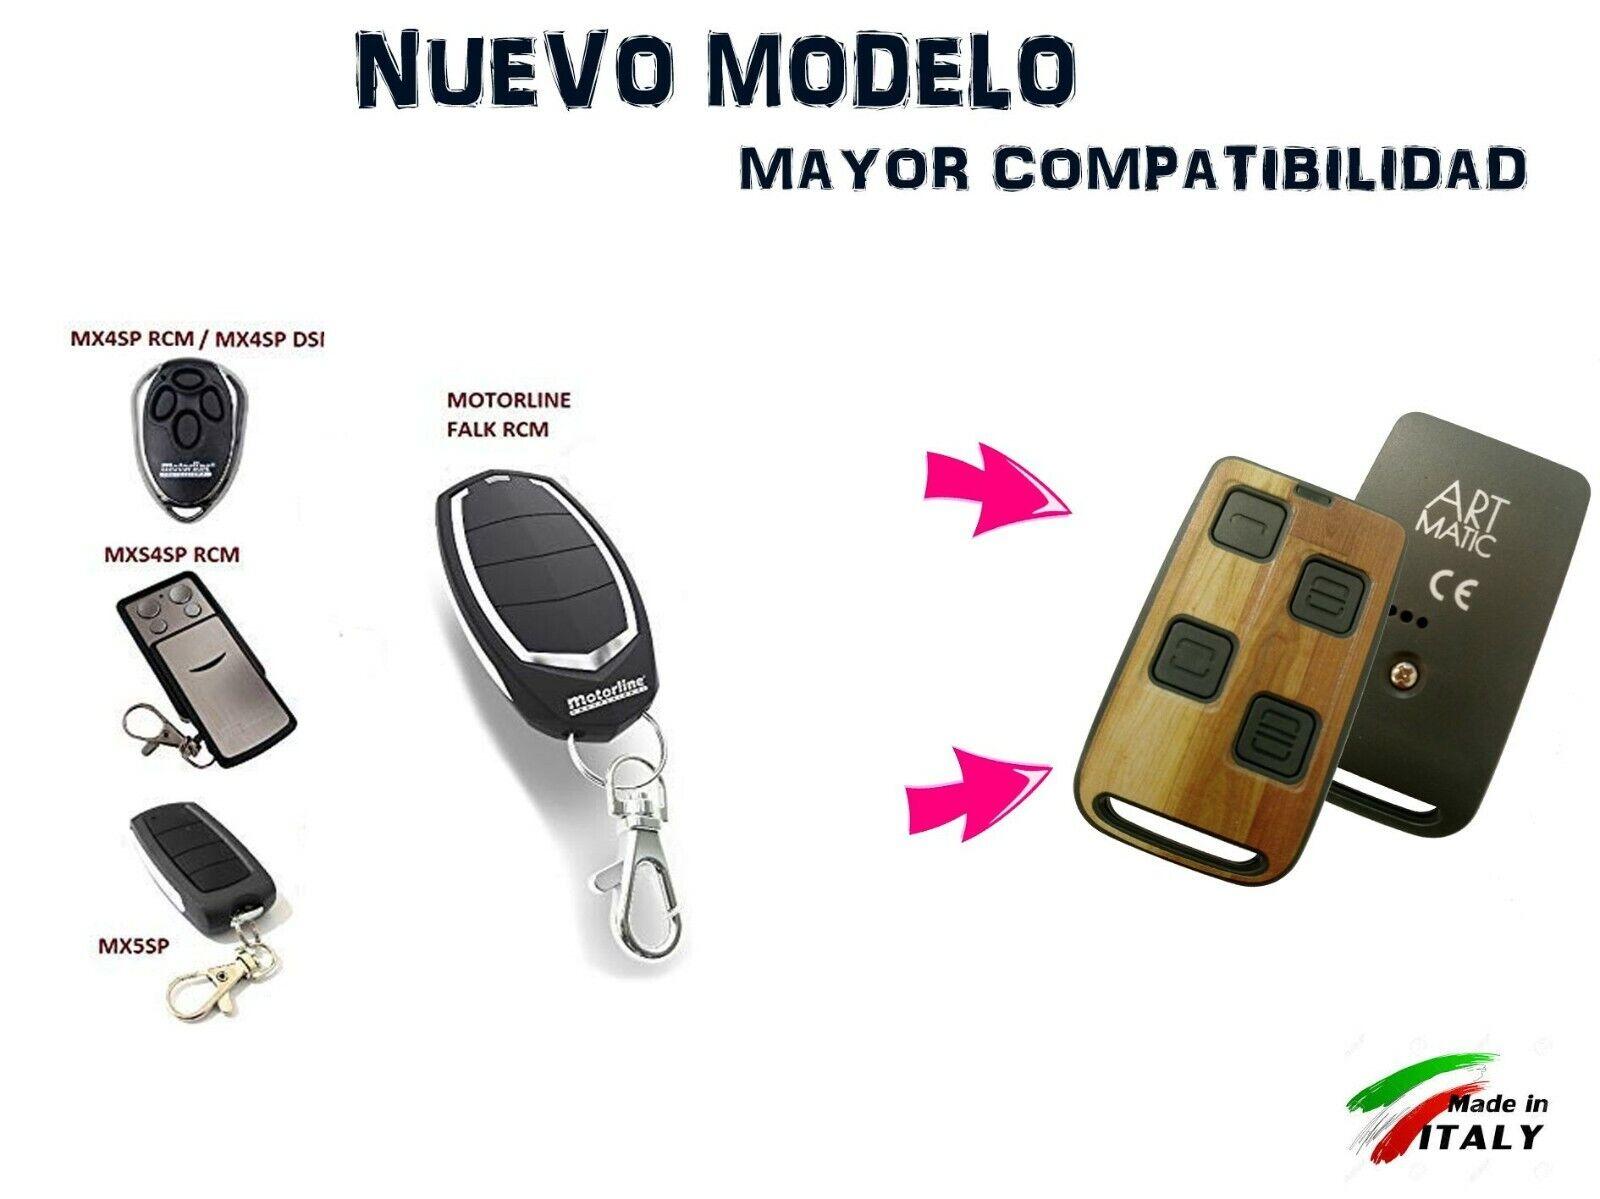 Ultima tecnologia Mando DE Garaje Compatible Universal Art Matic Codigo Fijo y Variable 433 MHz 868 MHz